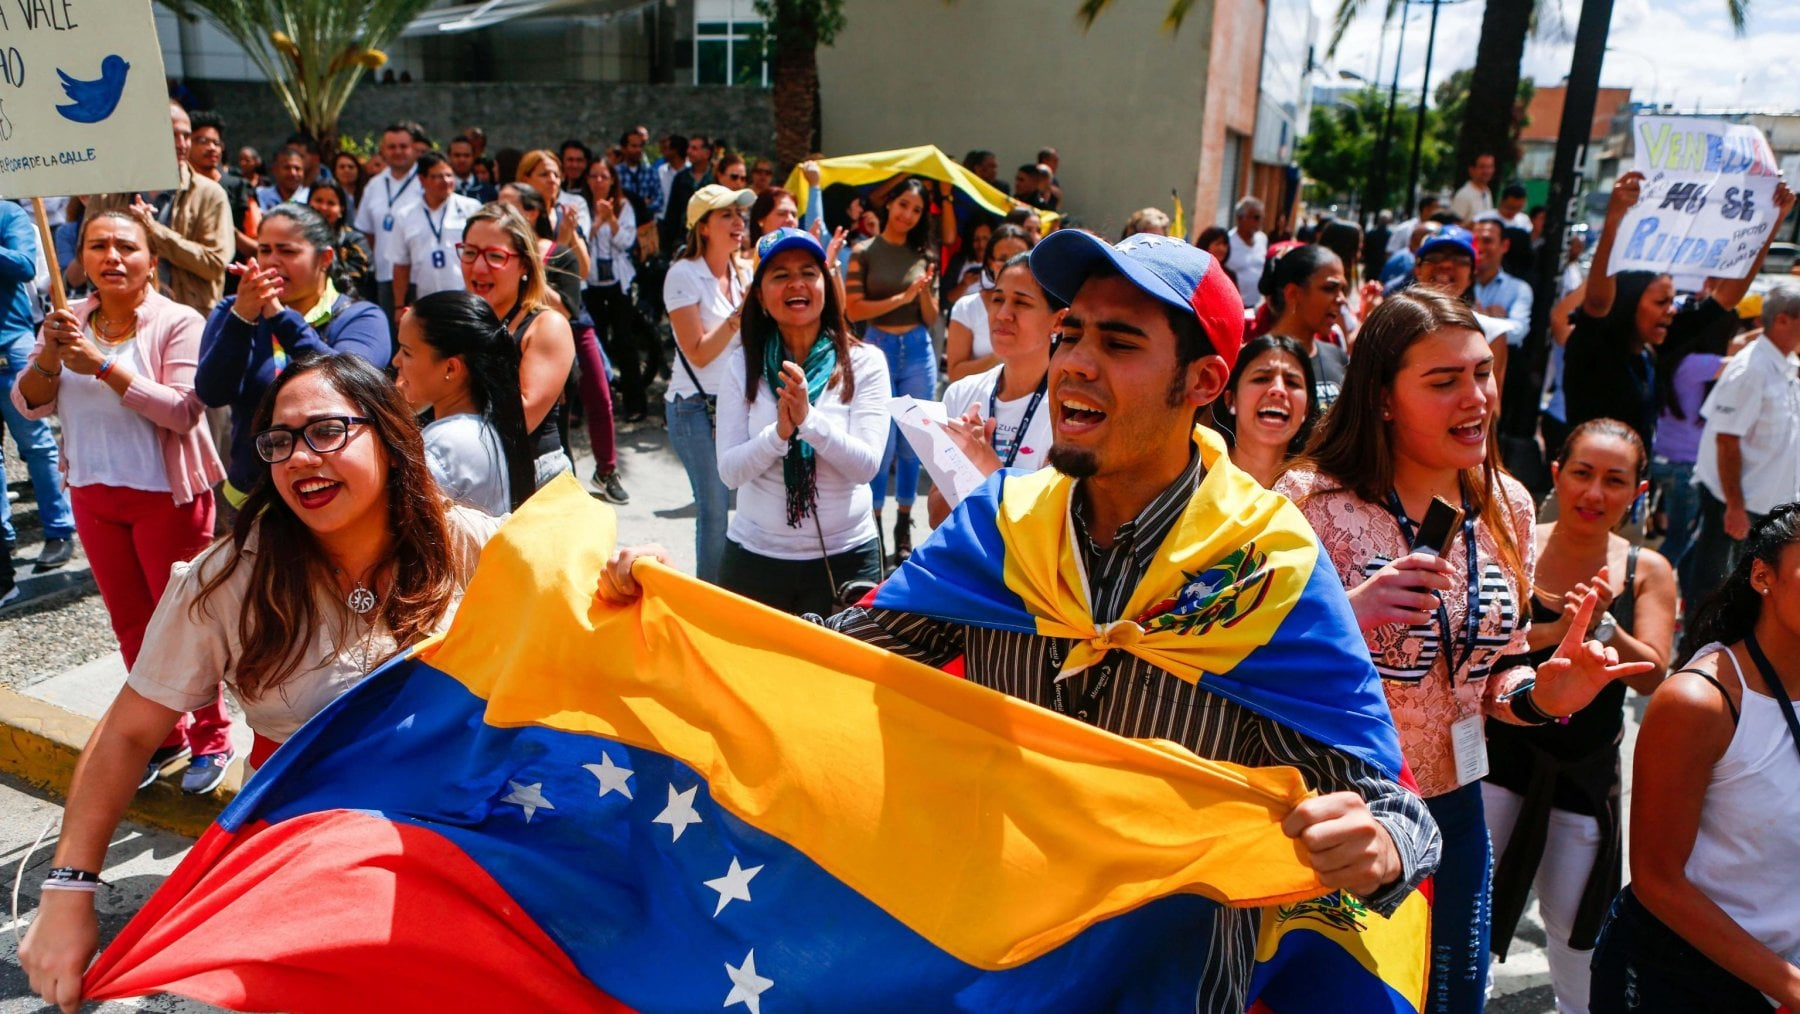 Ragazzi in rivolta in Venezuela